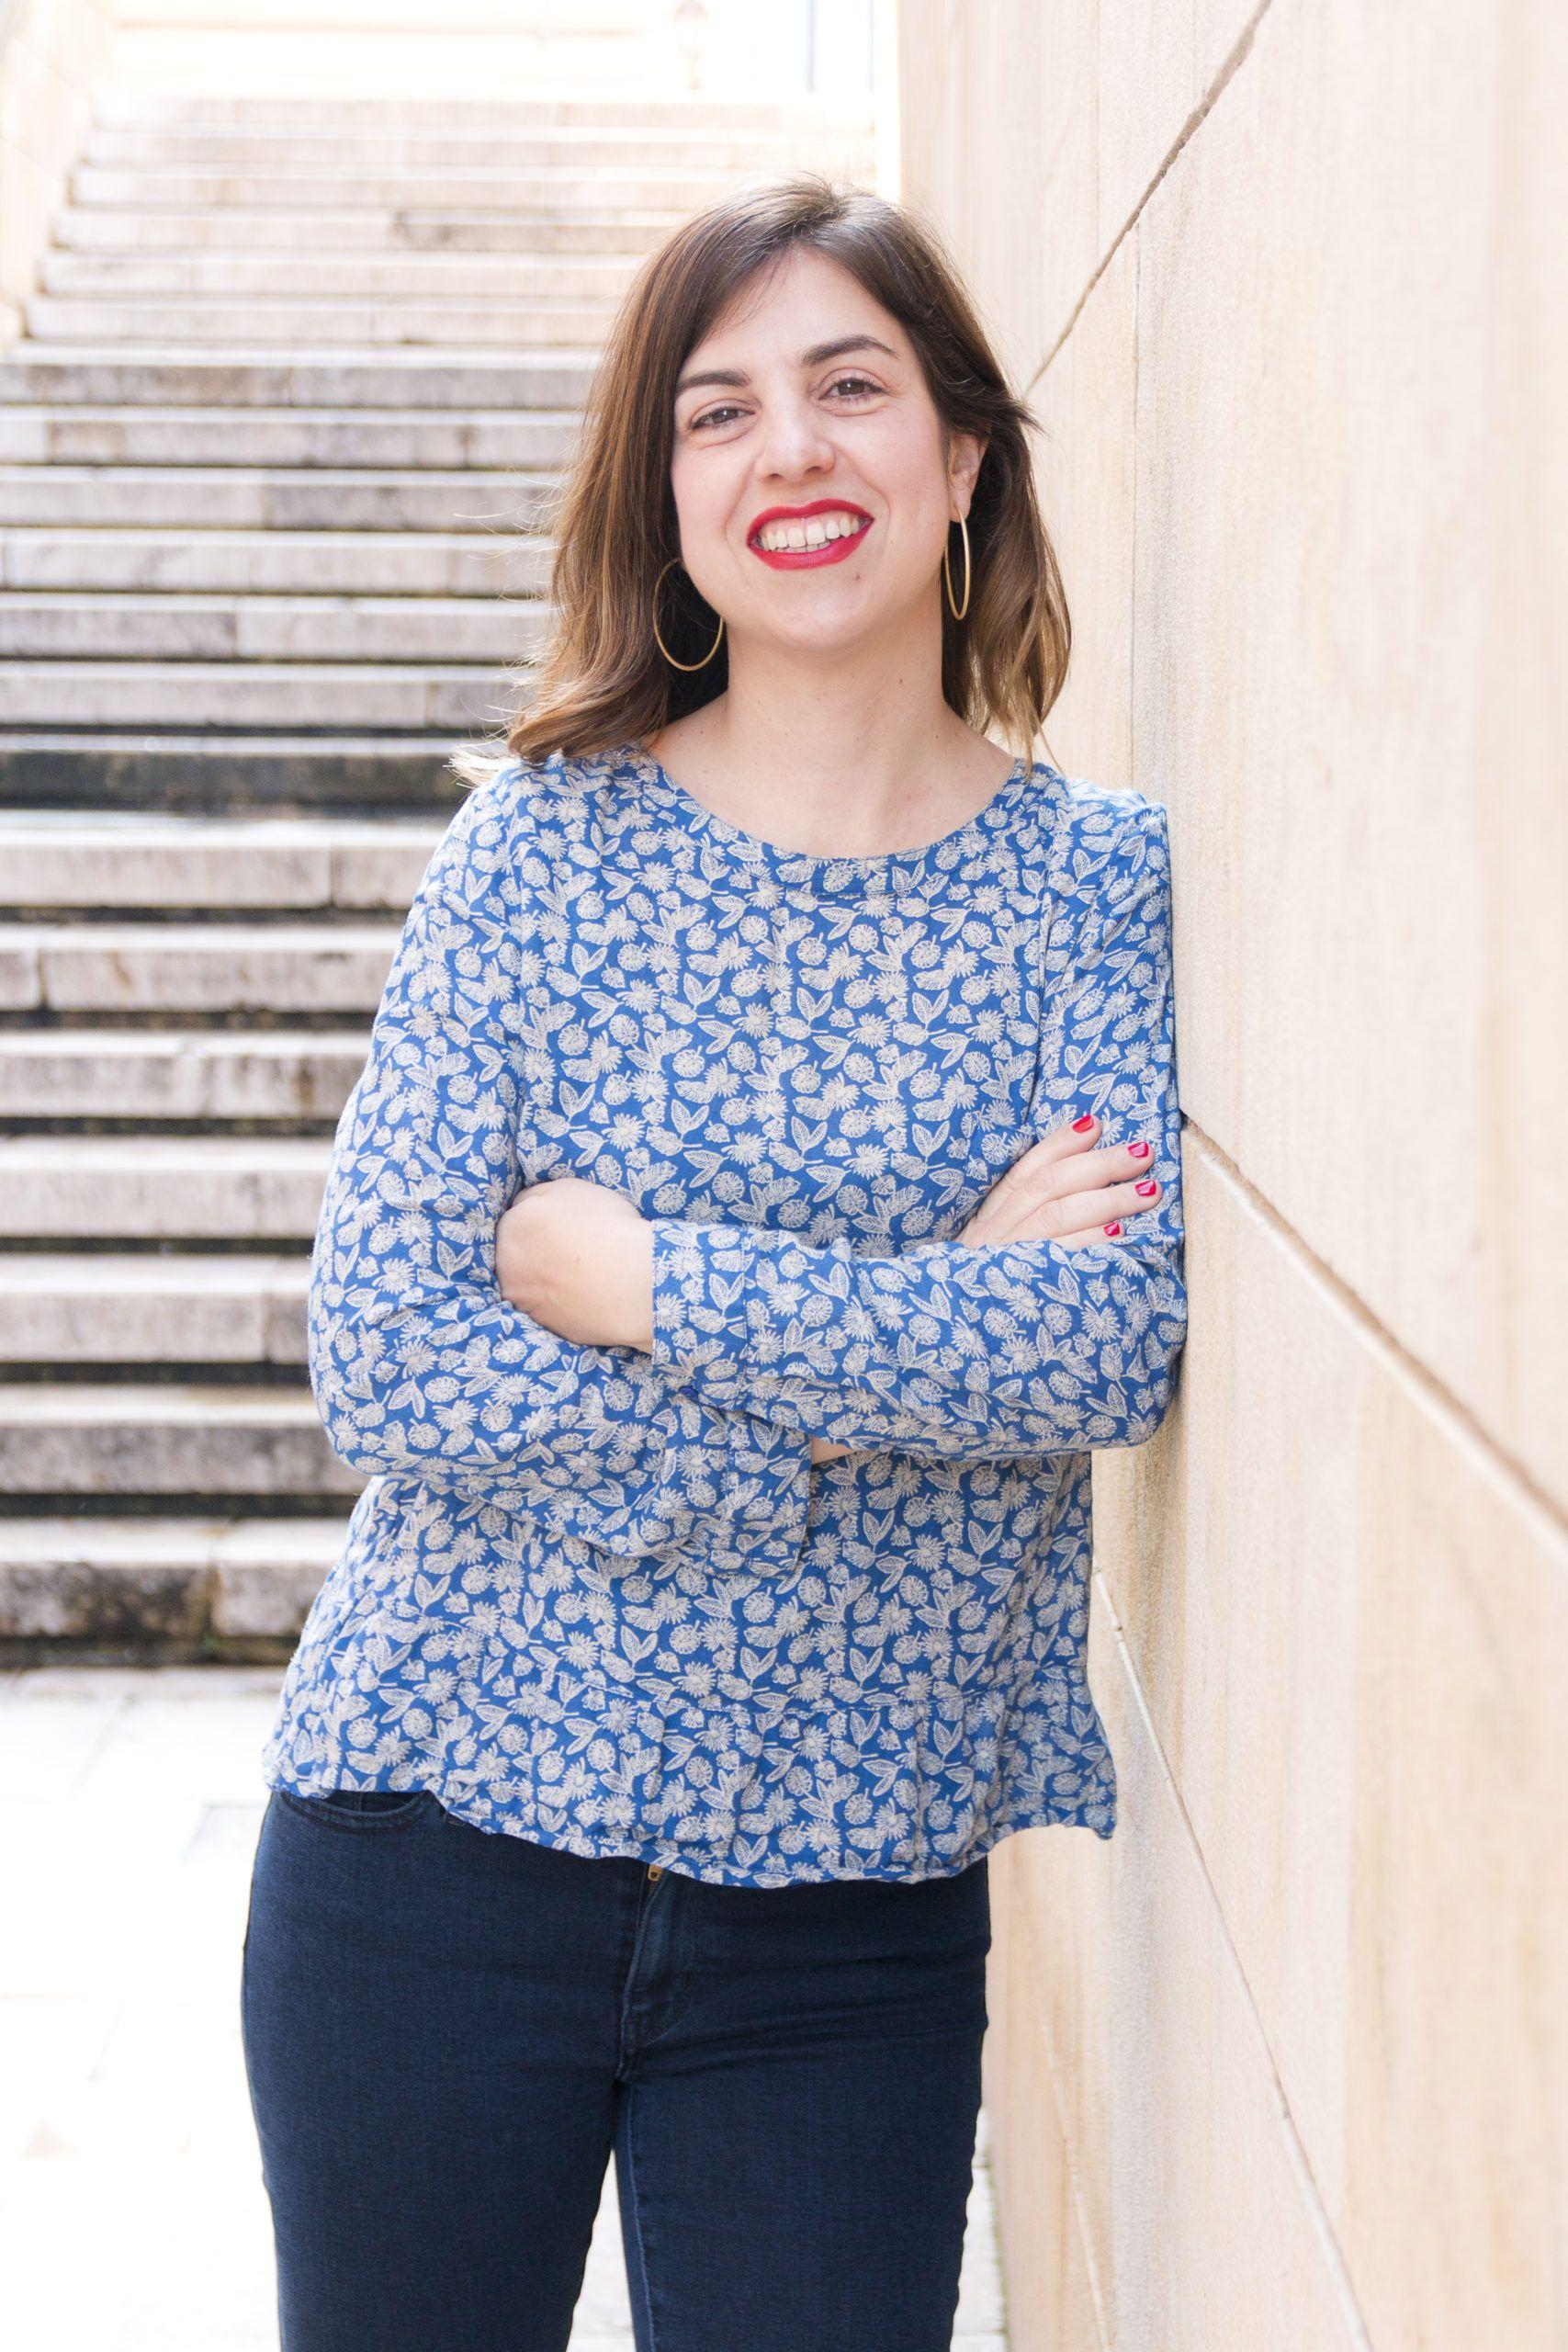 Clara Martínez Psicóloga